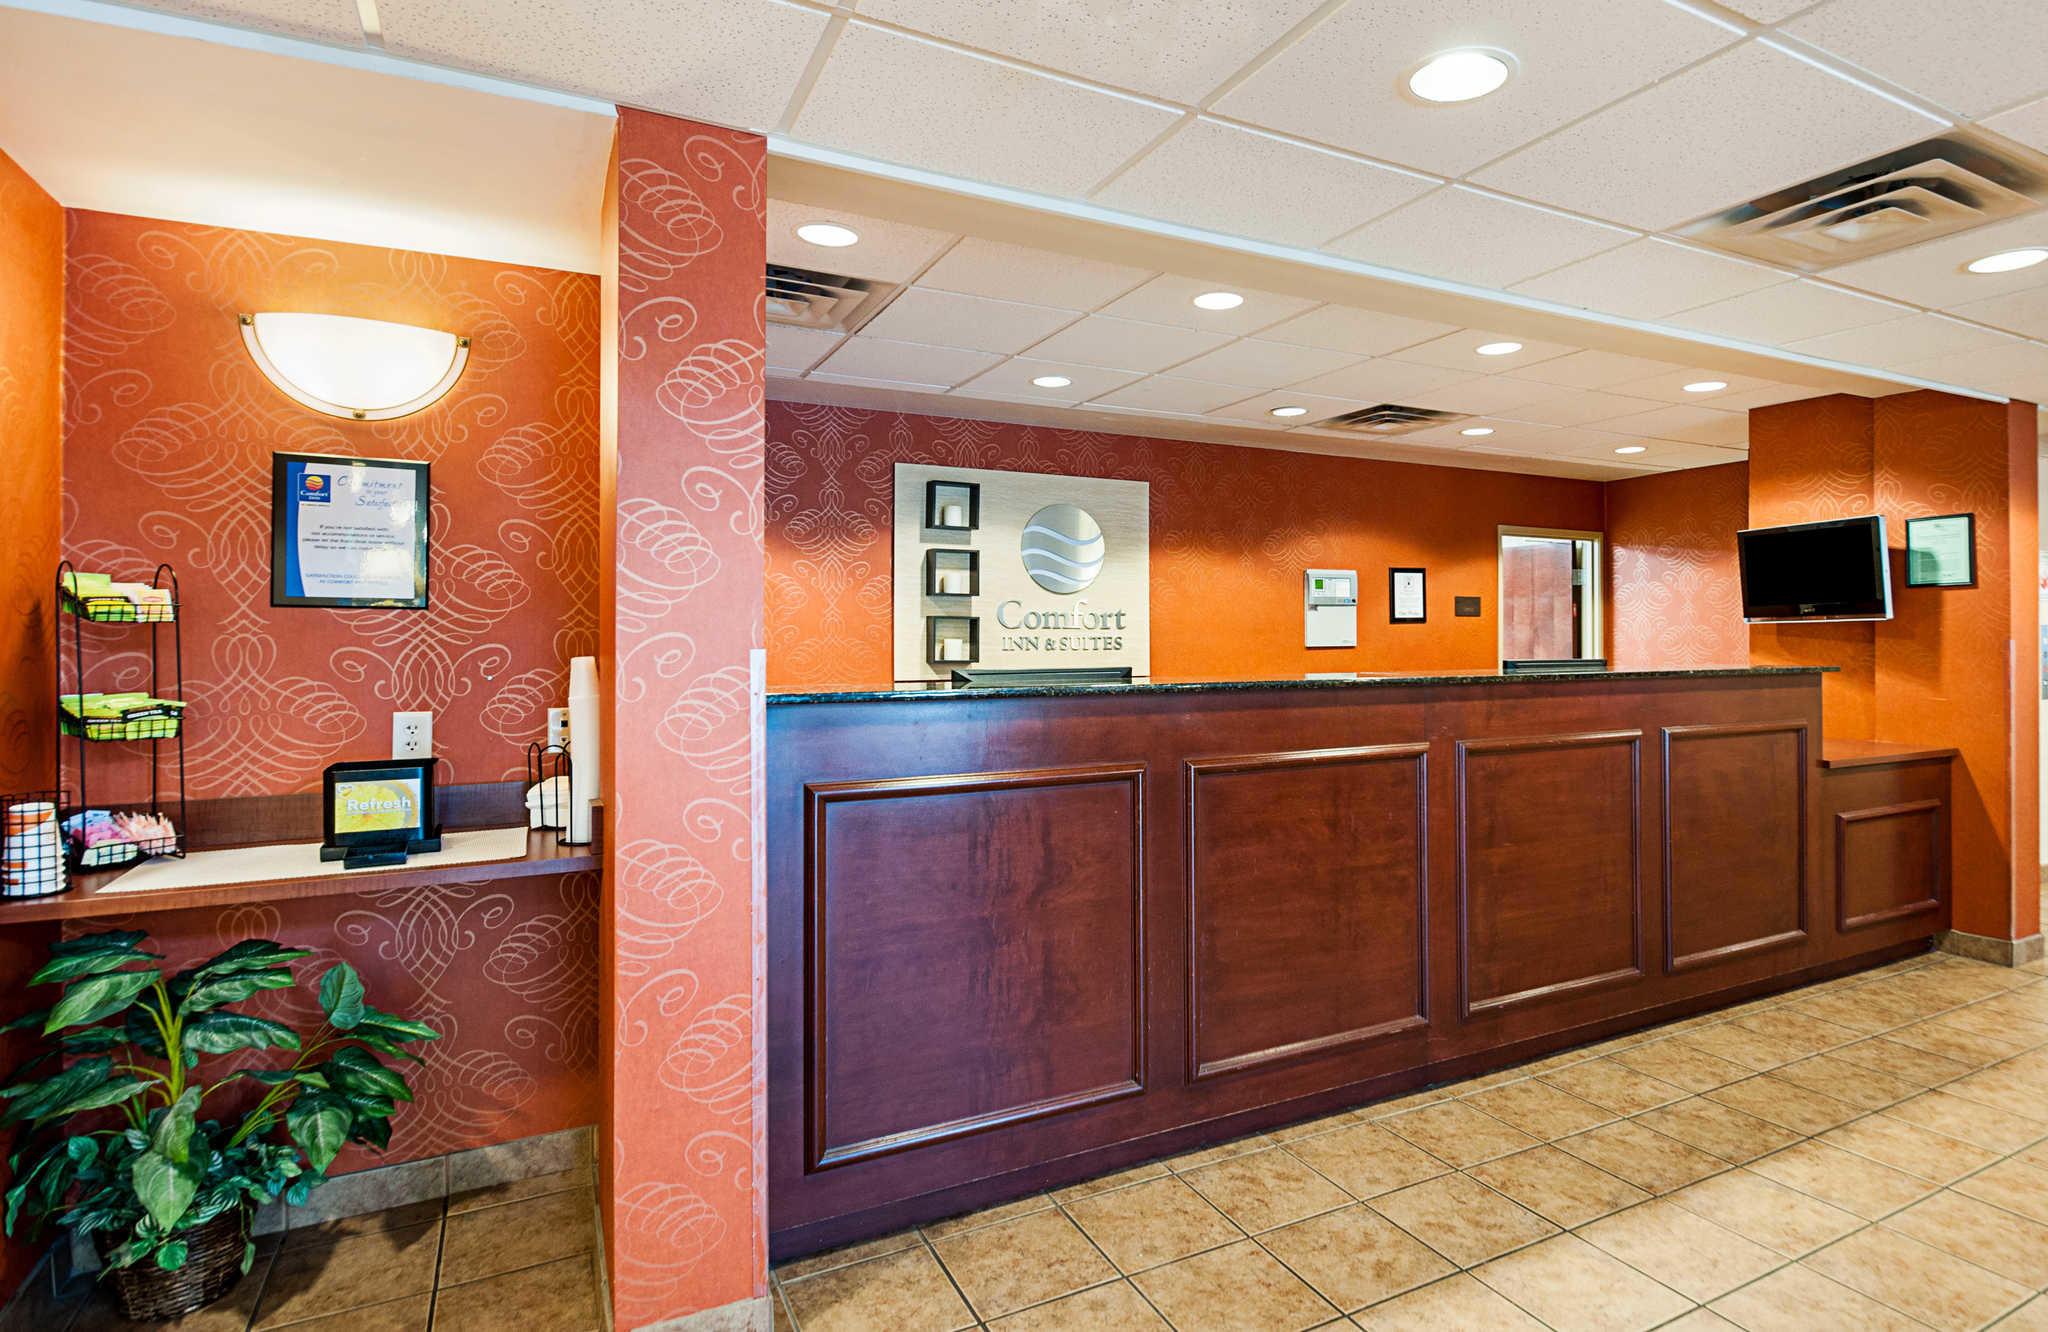 Comfort Inn & Suites Cambridge image 3